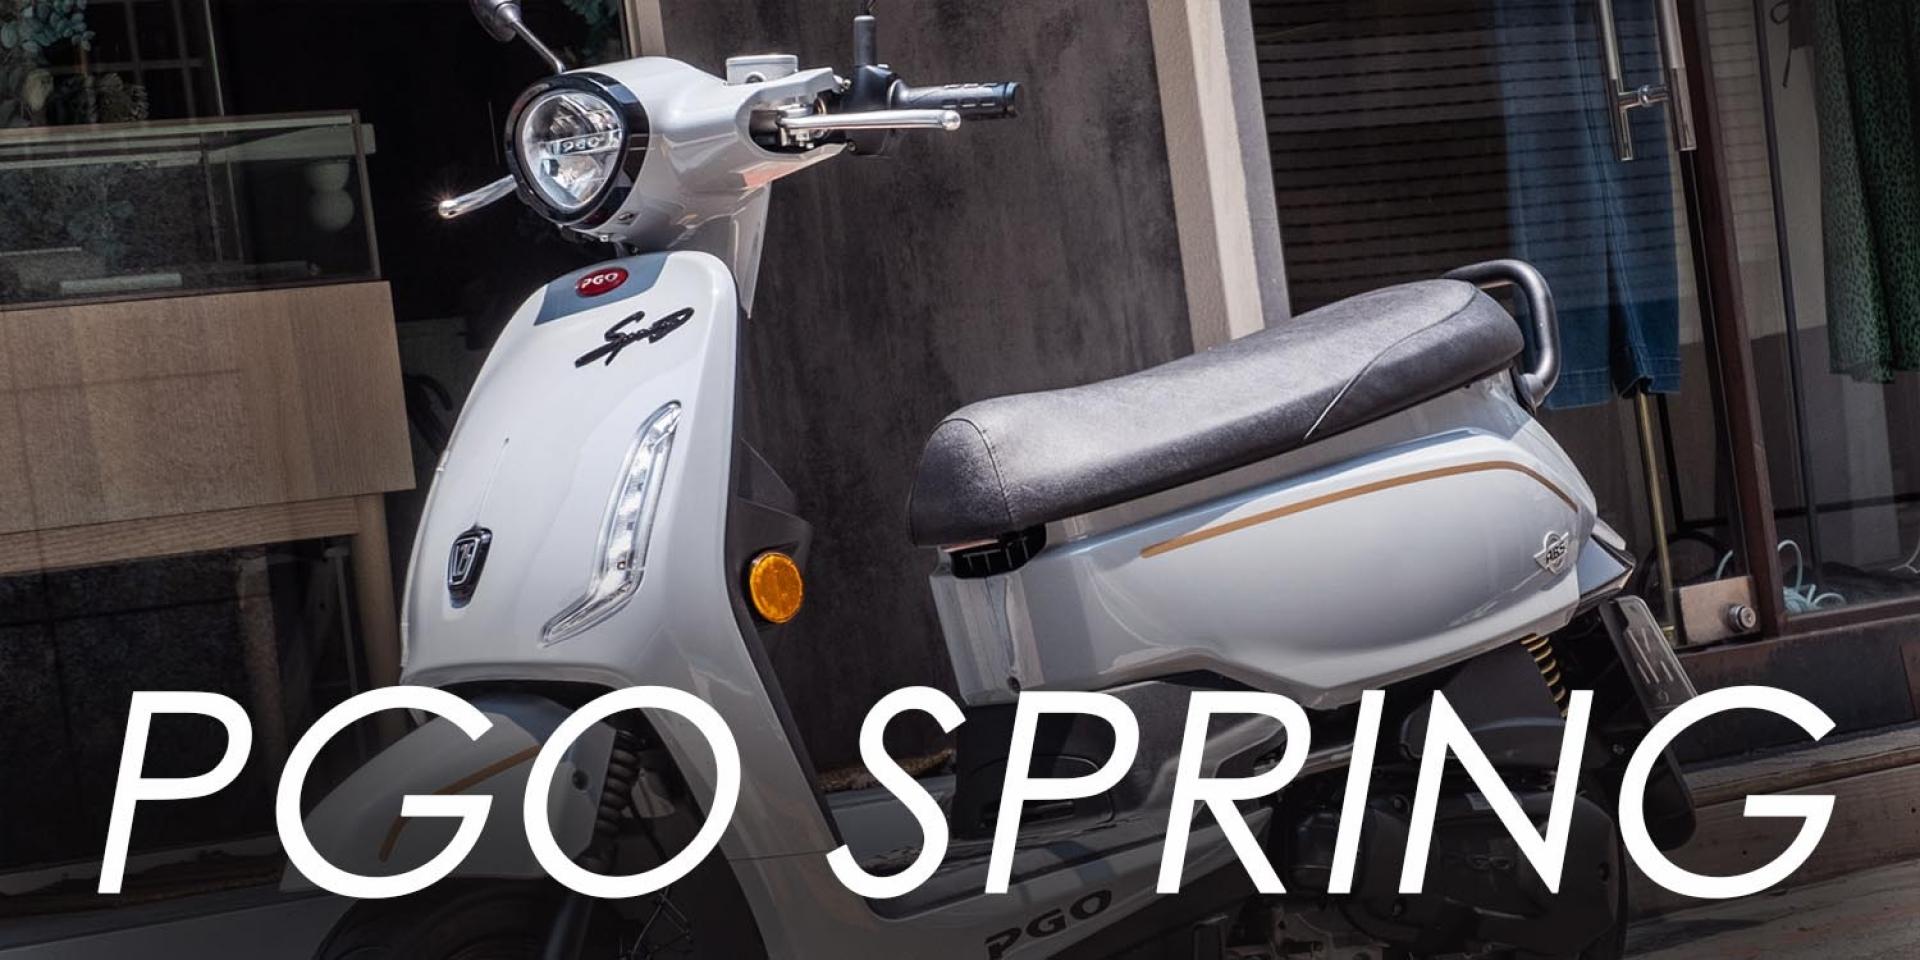 手機APP連線 同級唯一油冷引擎!PGO Spring浪漫代步新選擇 建議售價7.8萬元起